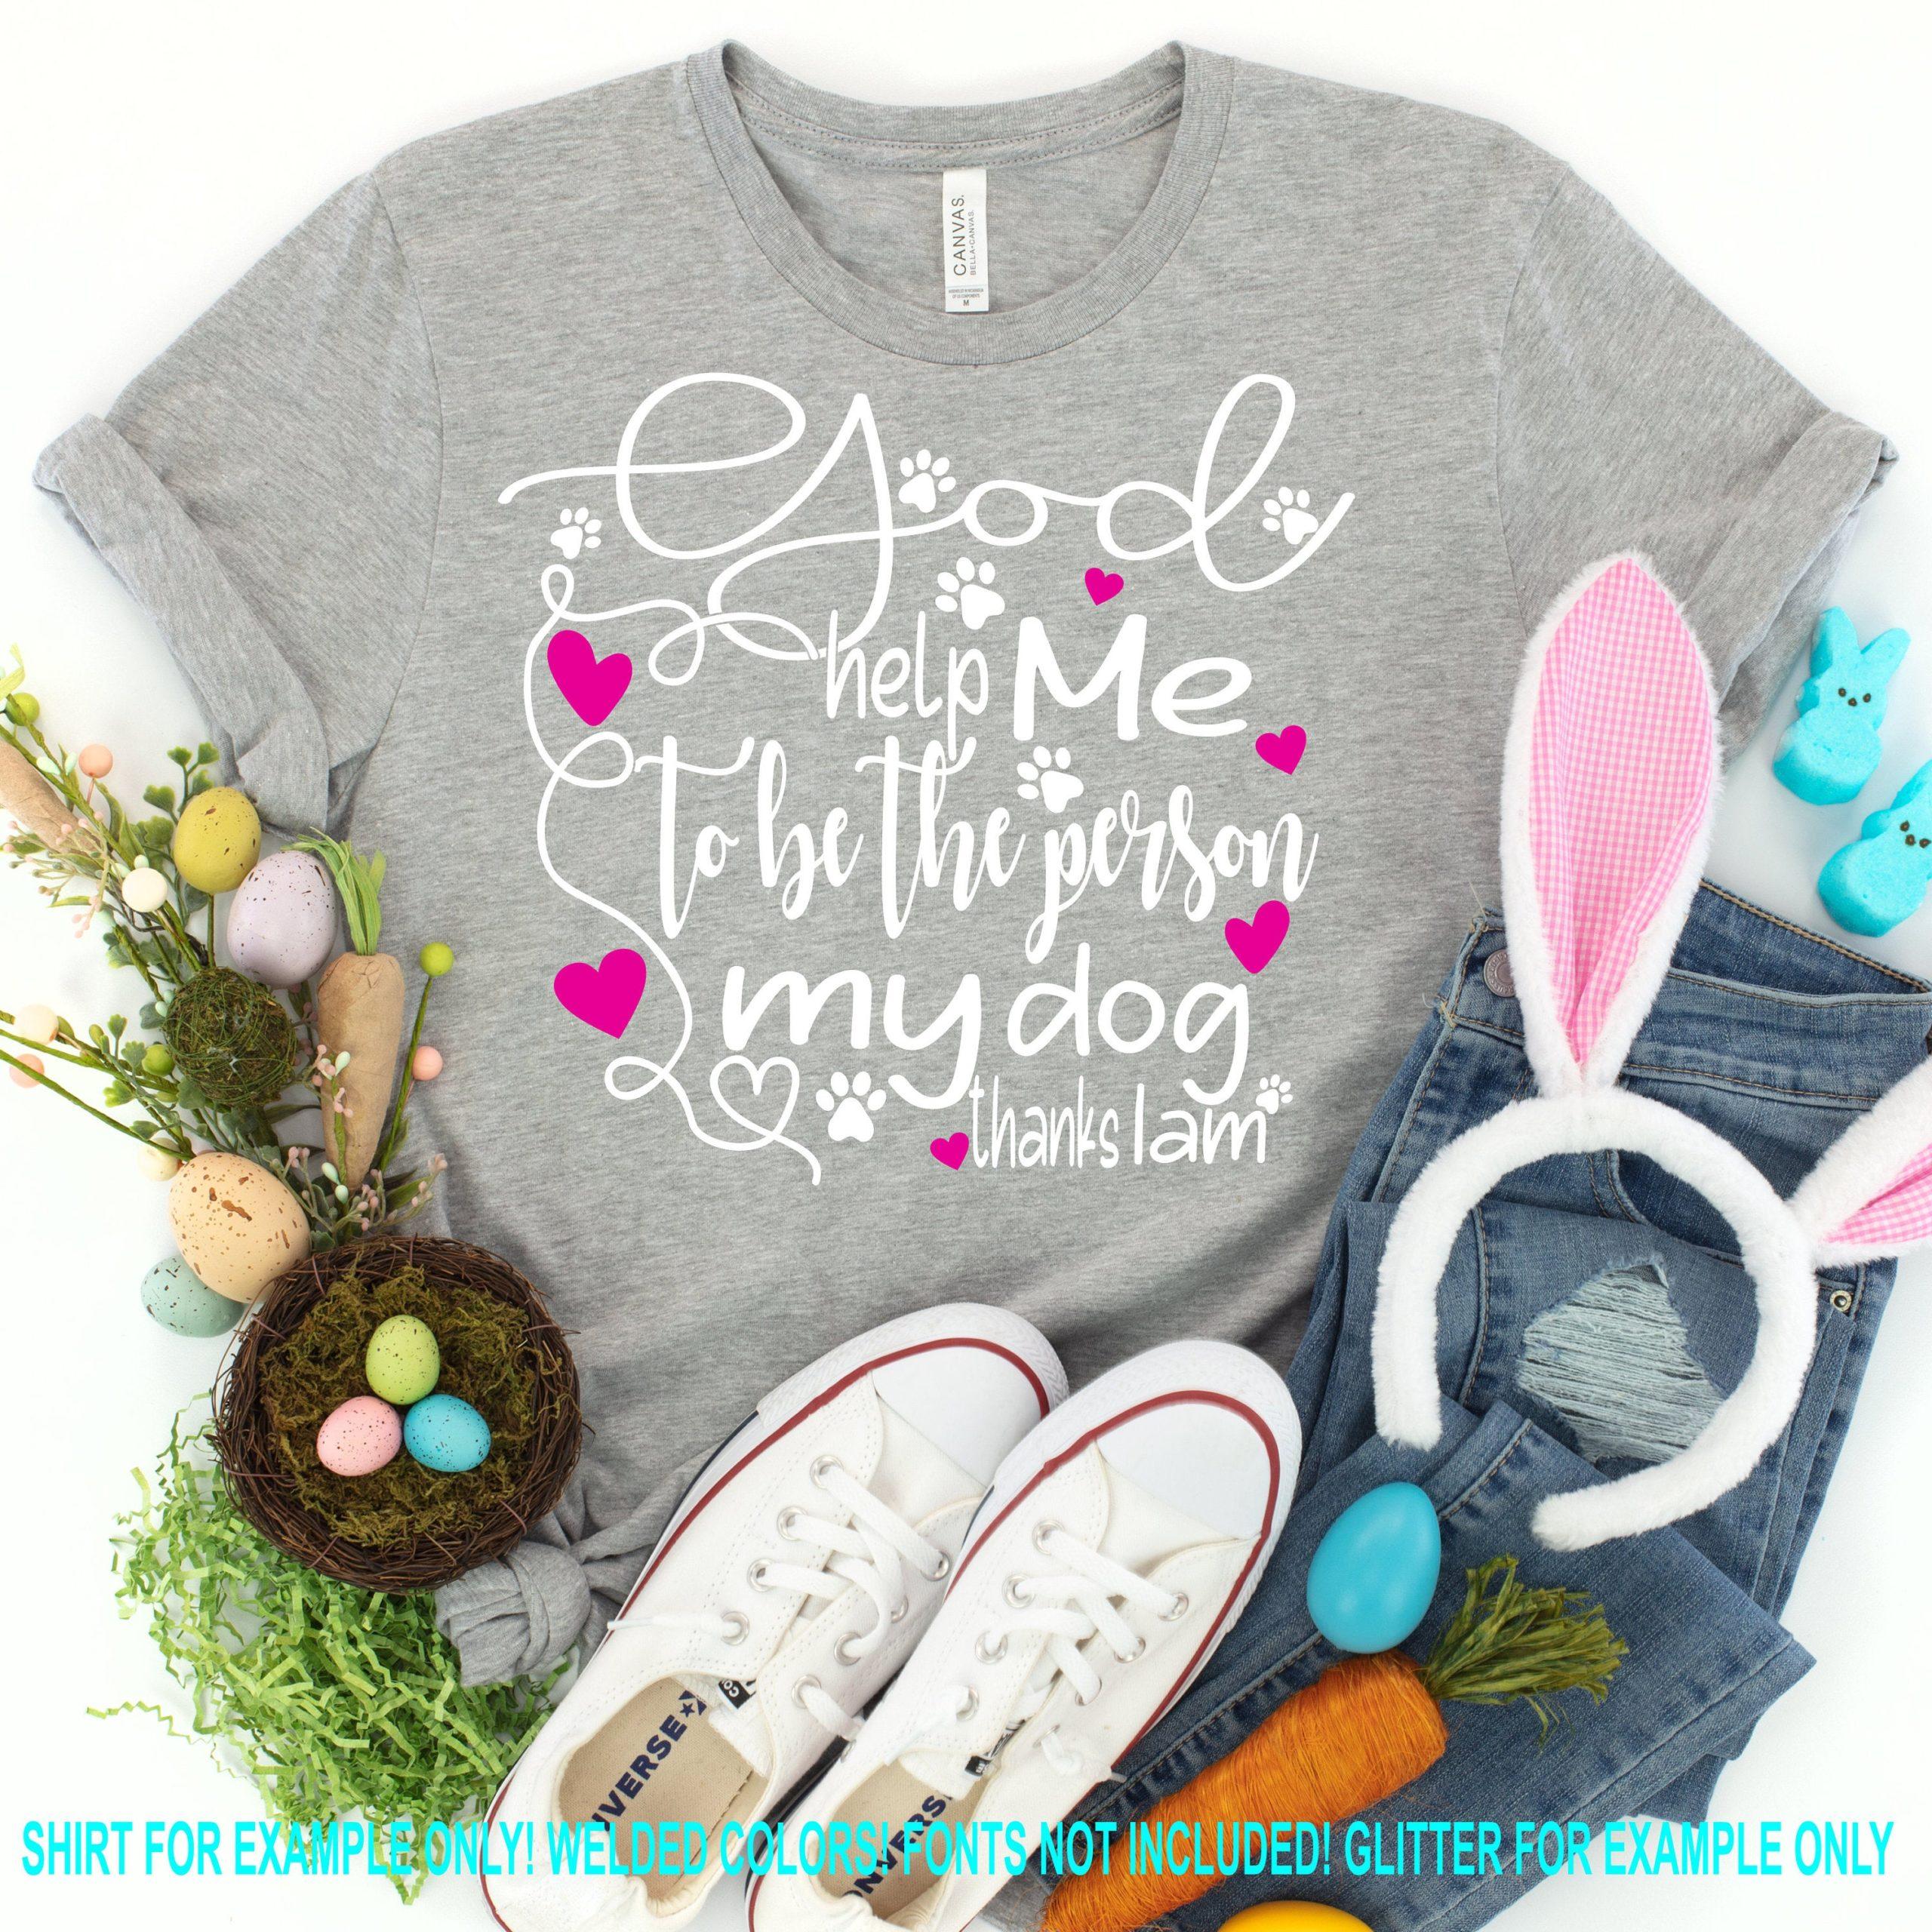 Easter-svg-god-help-me-to-be-the-person-my-dog-thinks-i-am-svgsvg-dog-mom-svg-easter-svg-design-easter-cut-file-easter-cricut-svg-605129fa